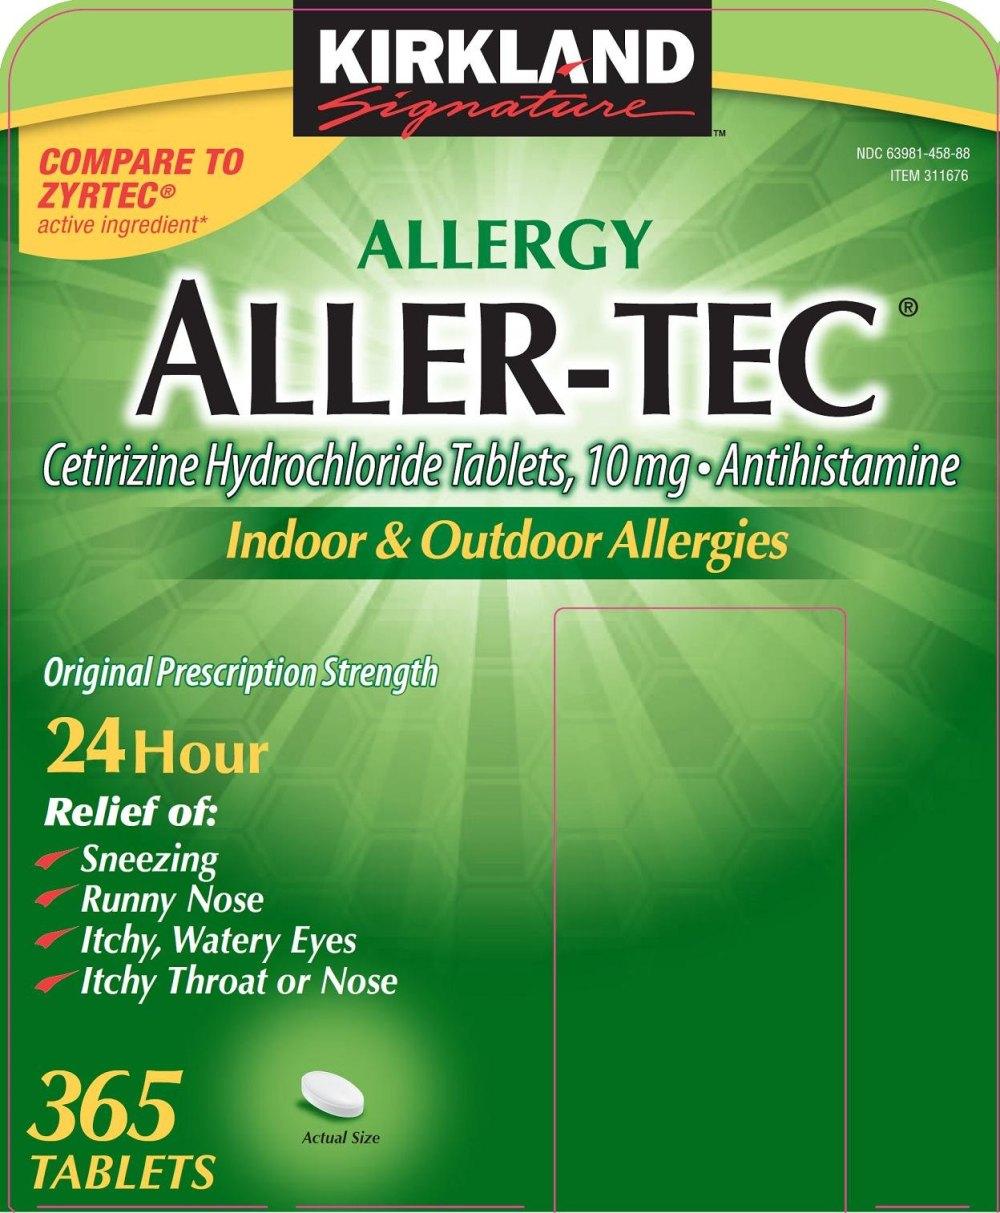 medium resolution of allertec1